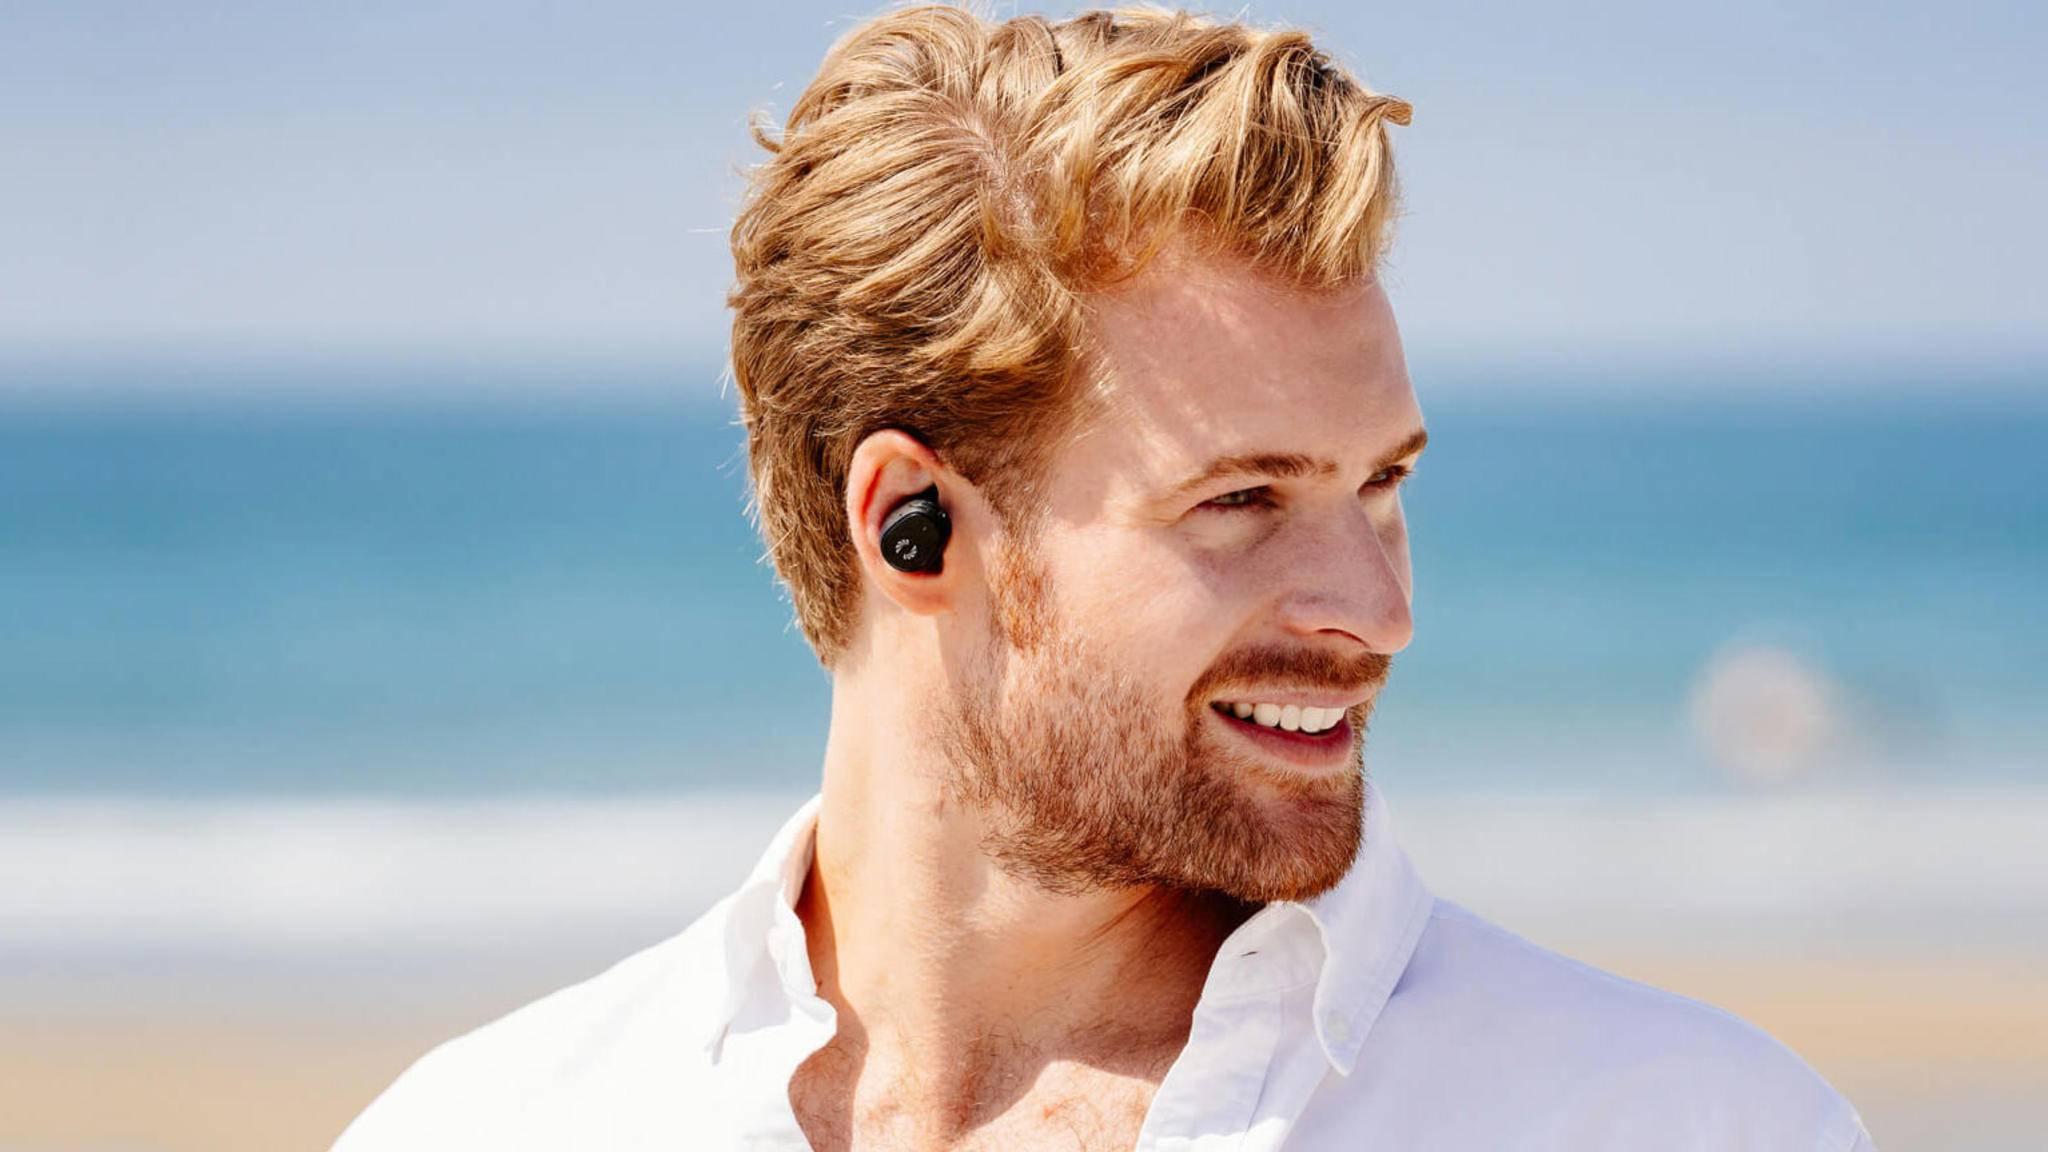 Die Kopfhörer sollen nicht nur erstklassigen Sound liefern, sondern auch perfekt sitzen.